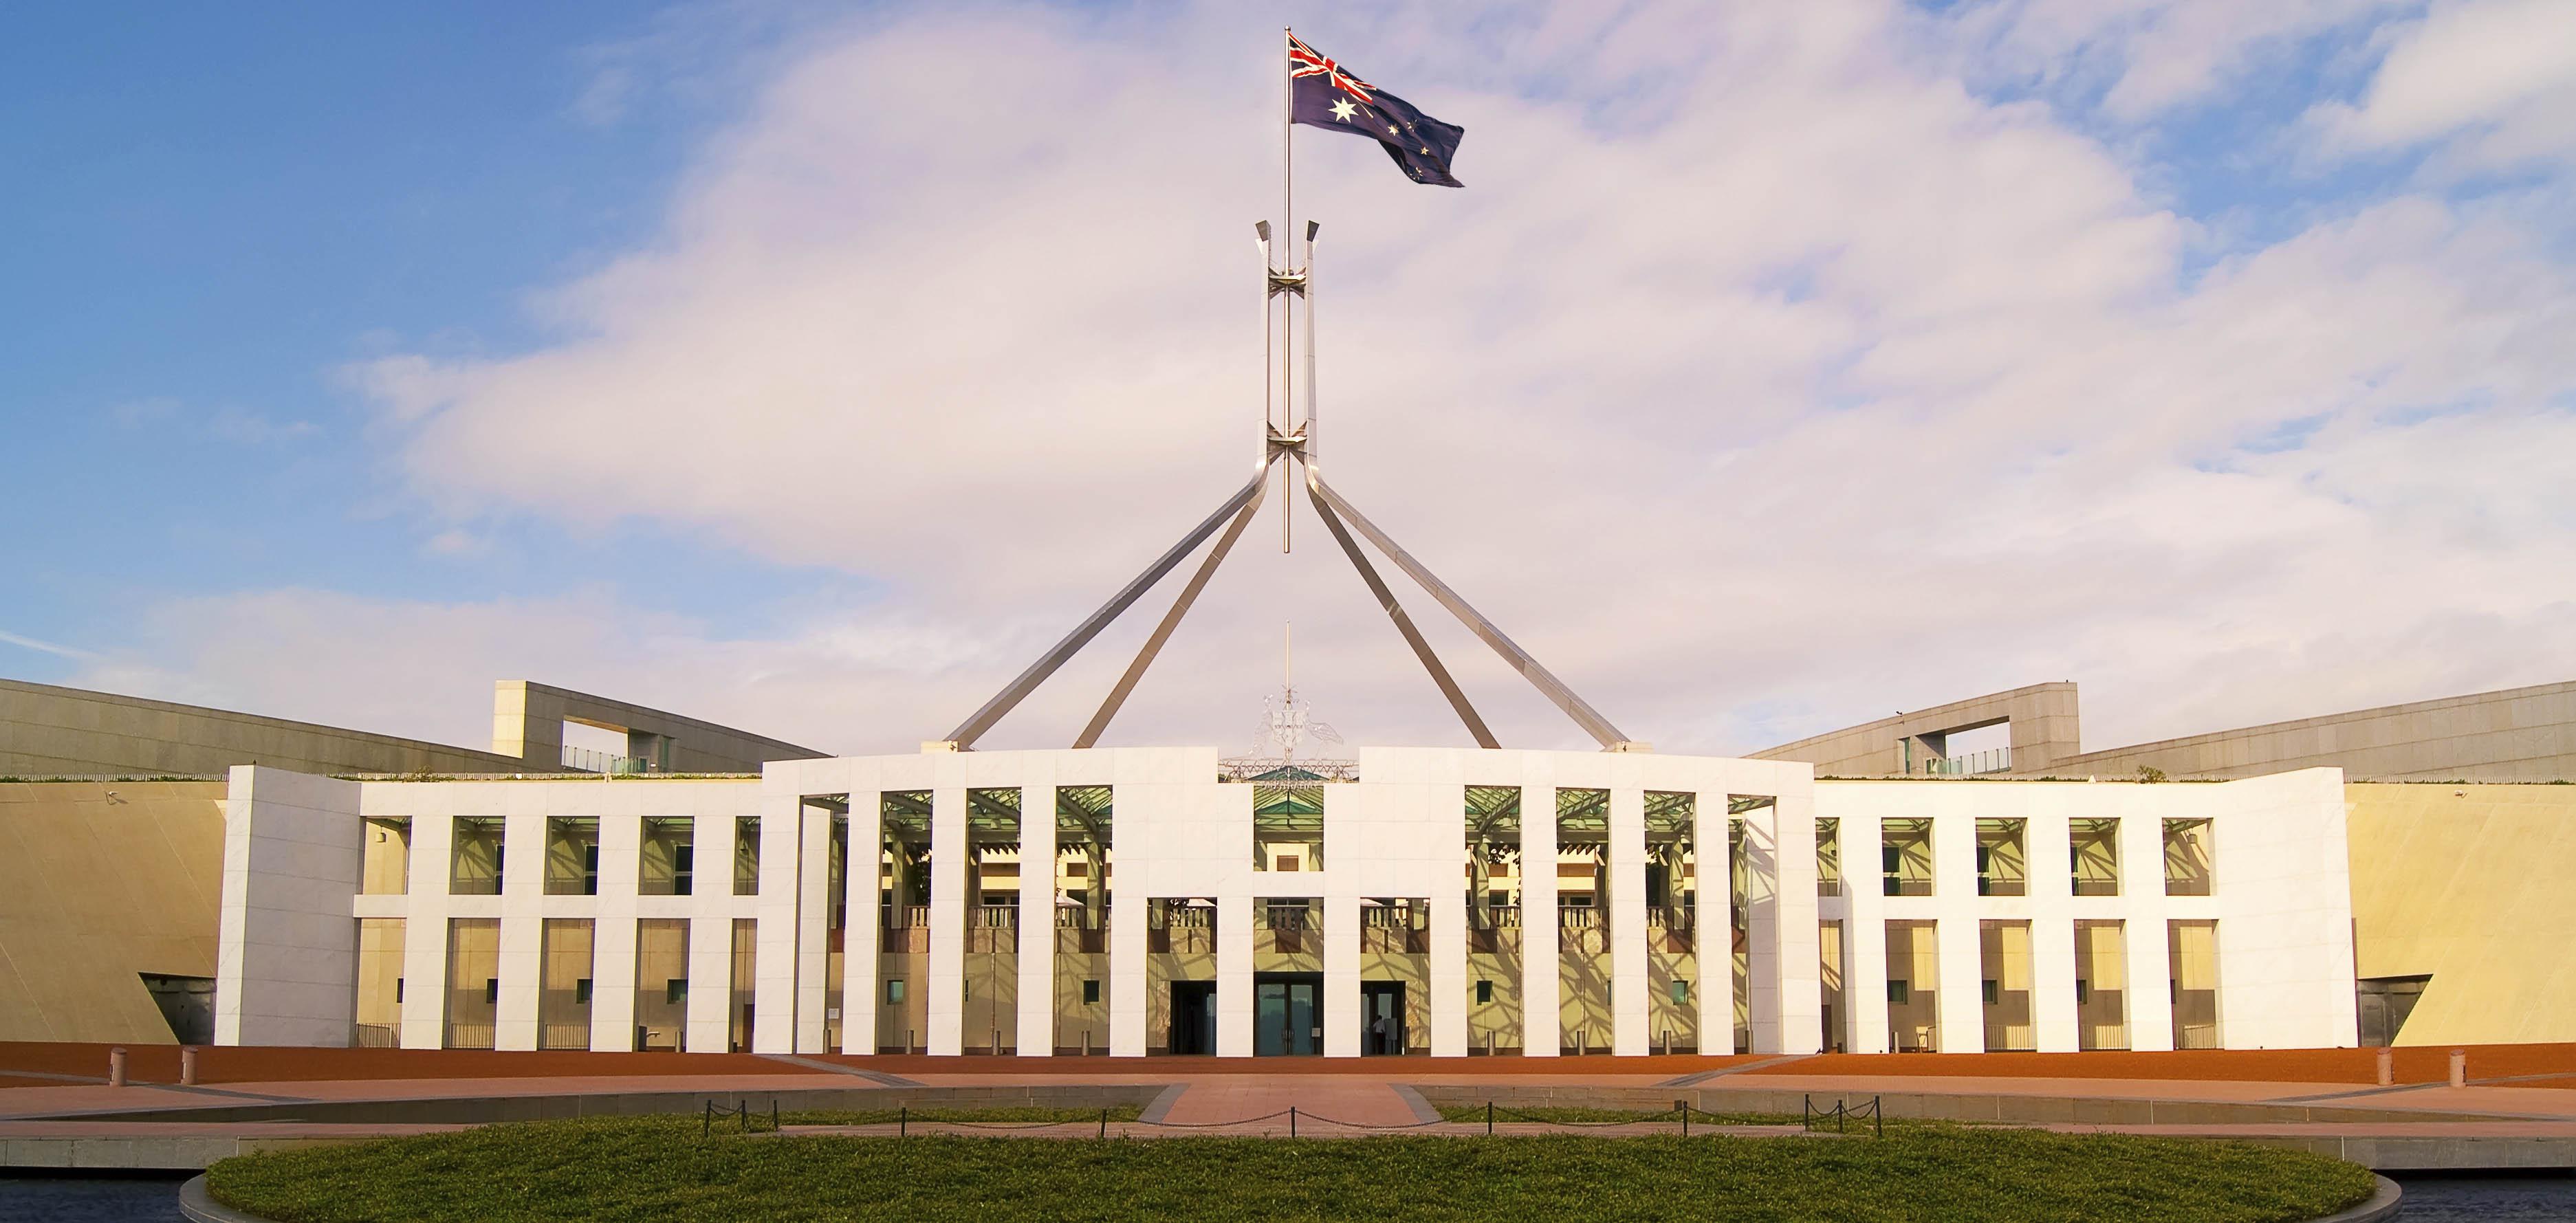 صورة كانبيرا الأعلى دخلاً وداروين الأسرع  نمواً بين المدن الاسترالية